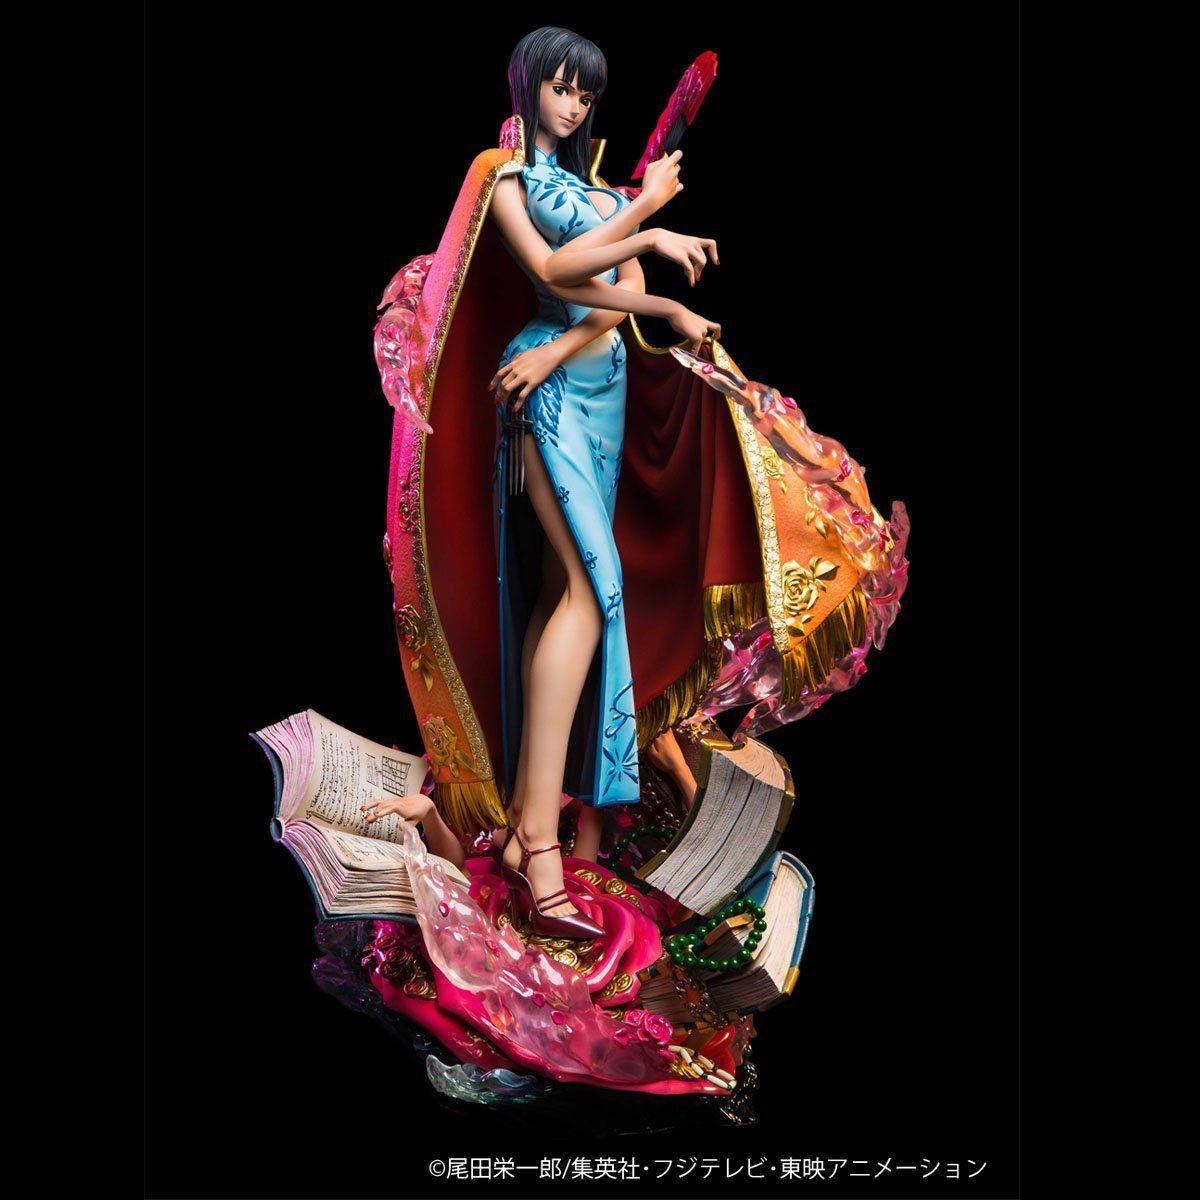 ワンピース ログコレクション 大型スタチューシリーズ『ニコ・ロビン』完成品フィギュア-003